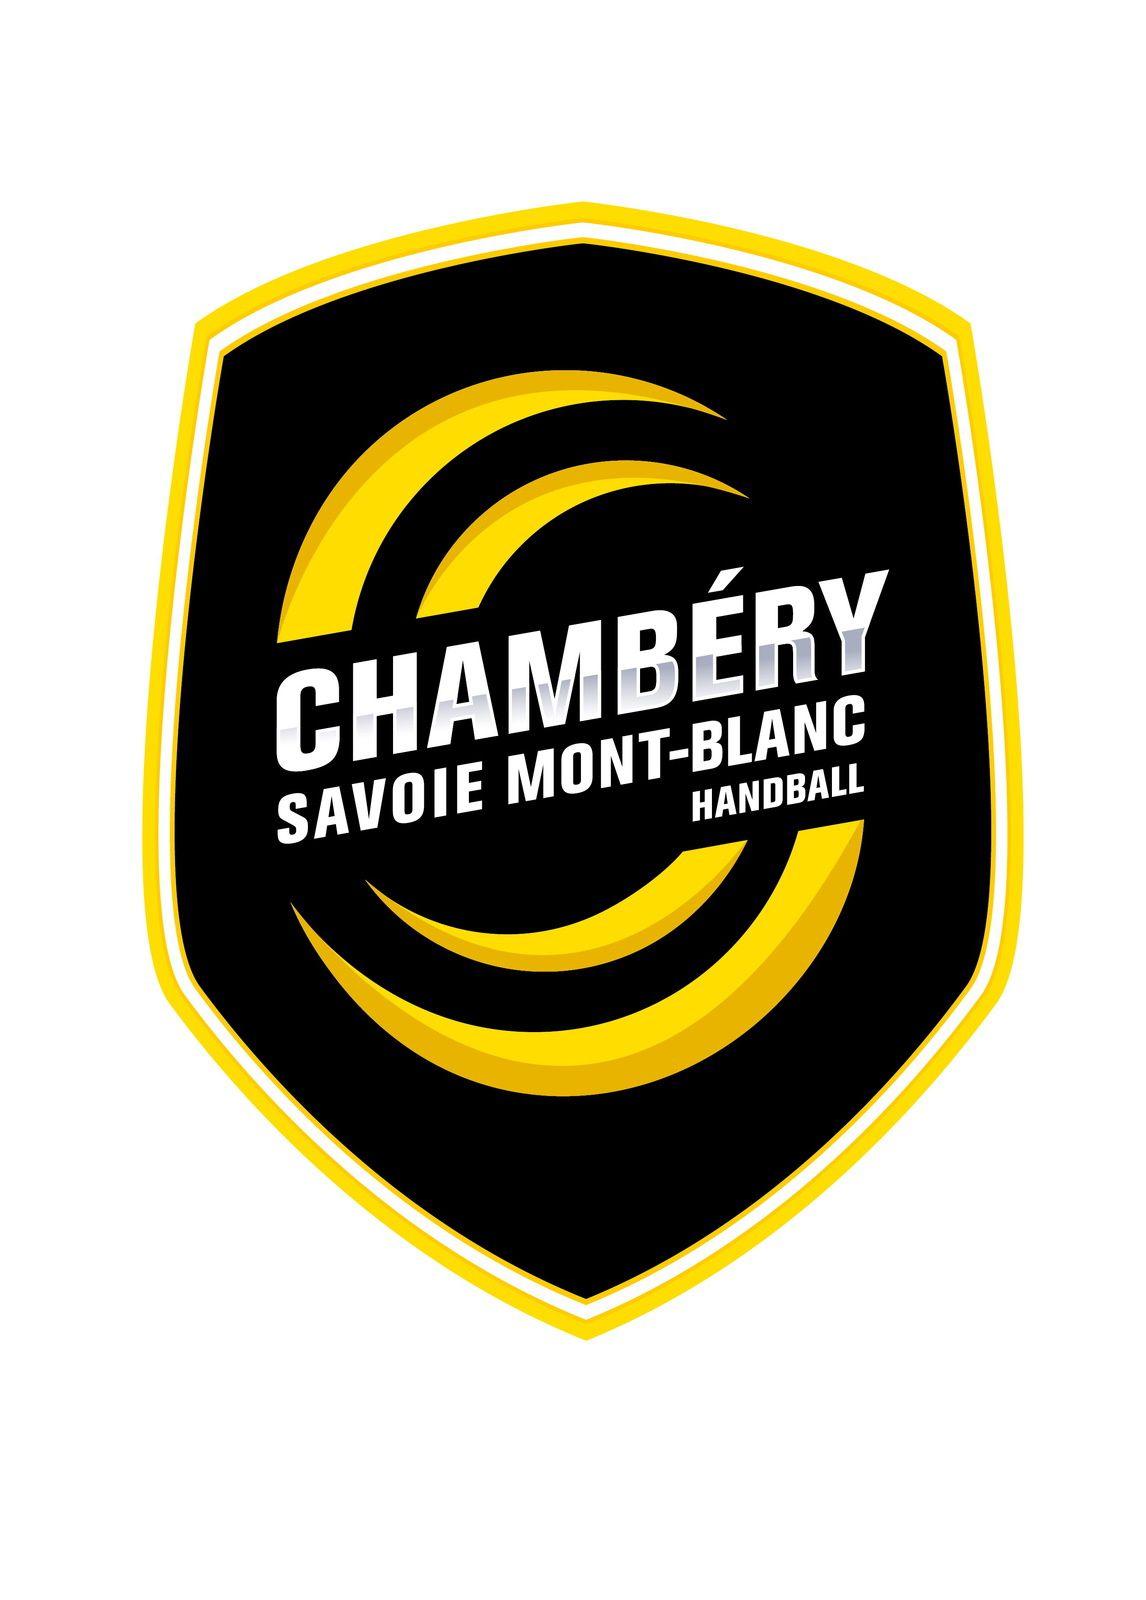 Présentation de l'équipe pro du CHAMBERY SAVOIE MONT-BLANC HANDBALL